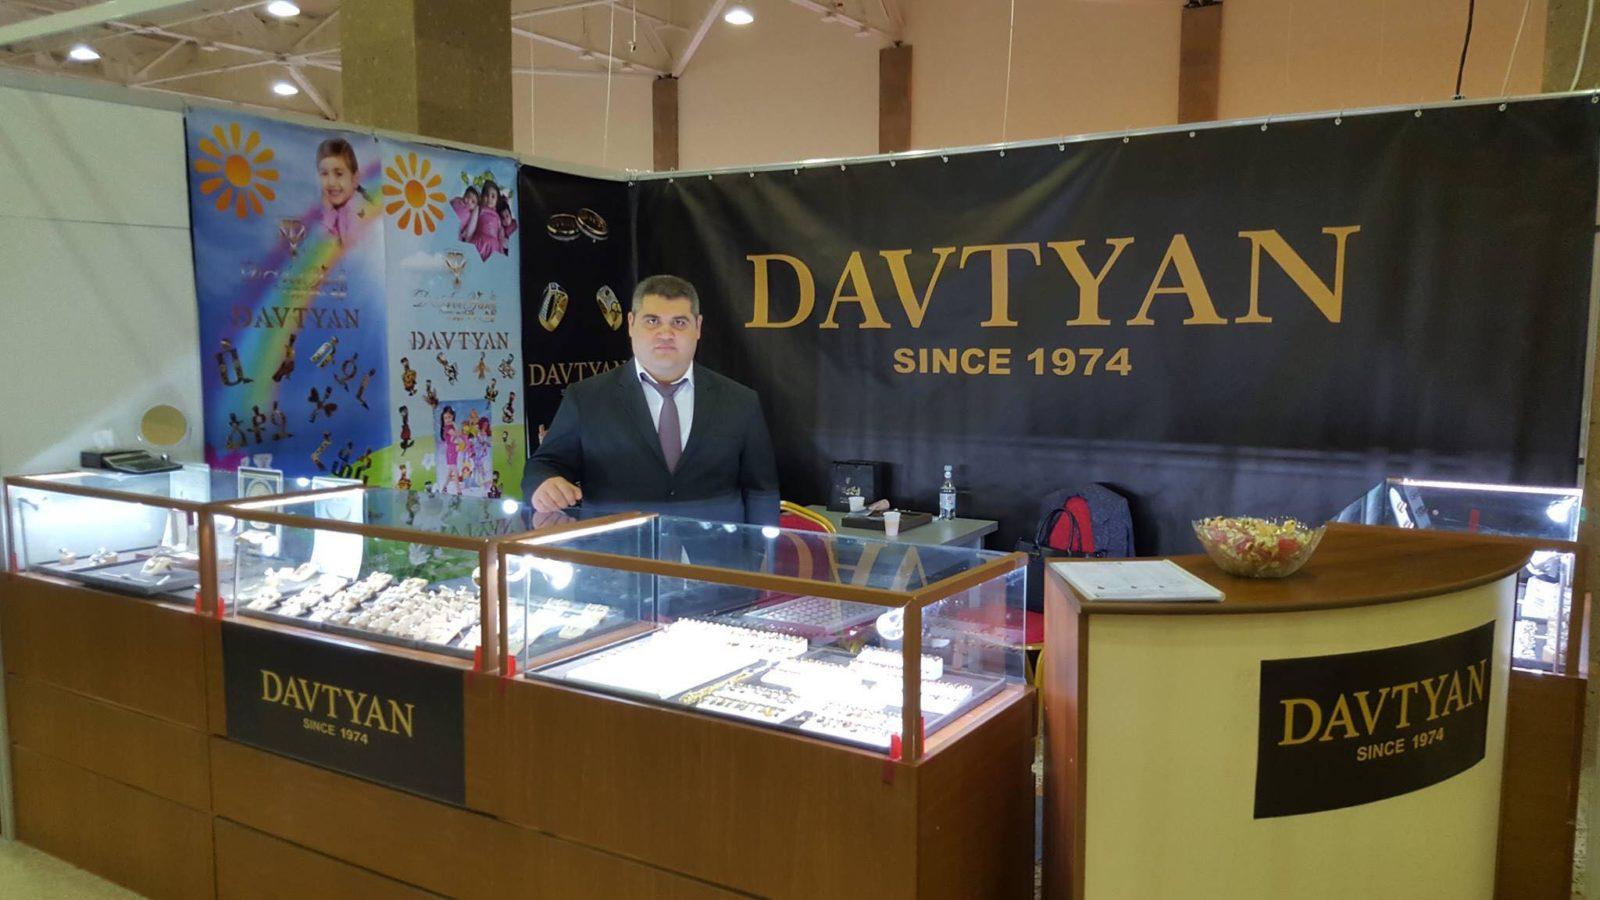 Երբ արհեստն ու արվեստը պապիկից թոռ սինթեզվում են բիզնեսում. Արմեն Դավթյան